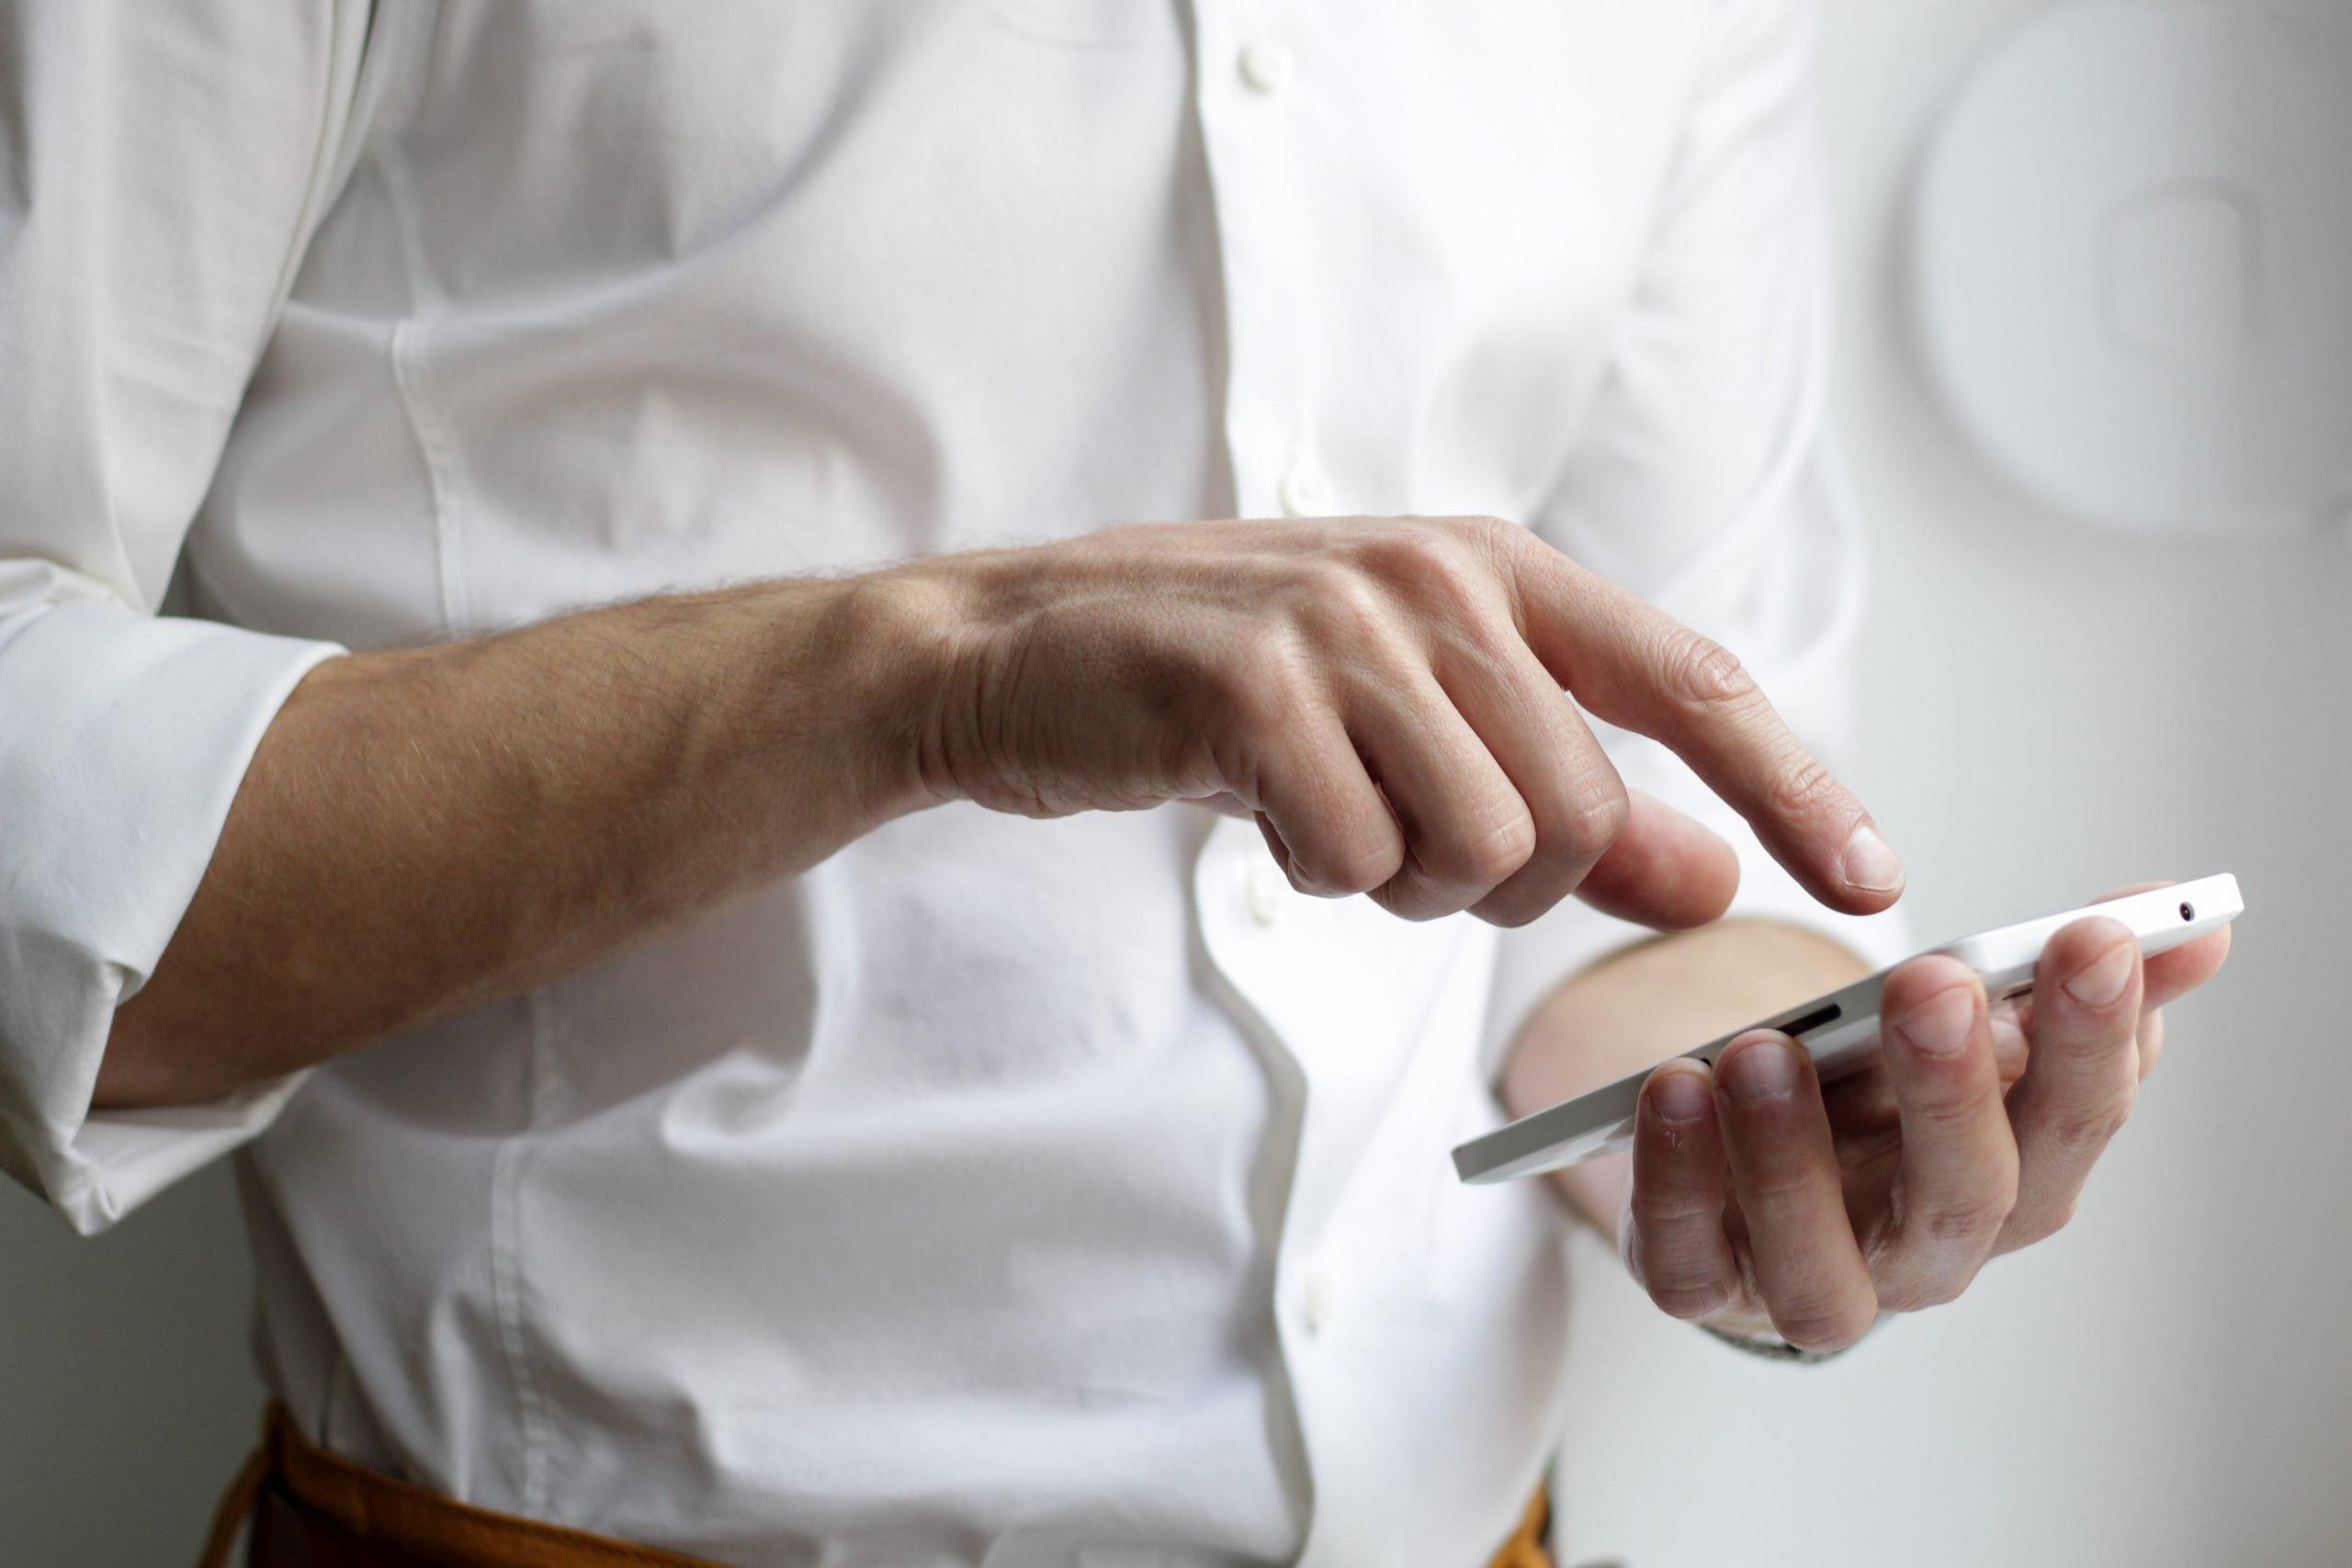 Muž s telefónom v ruke